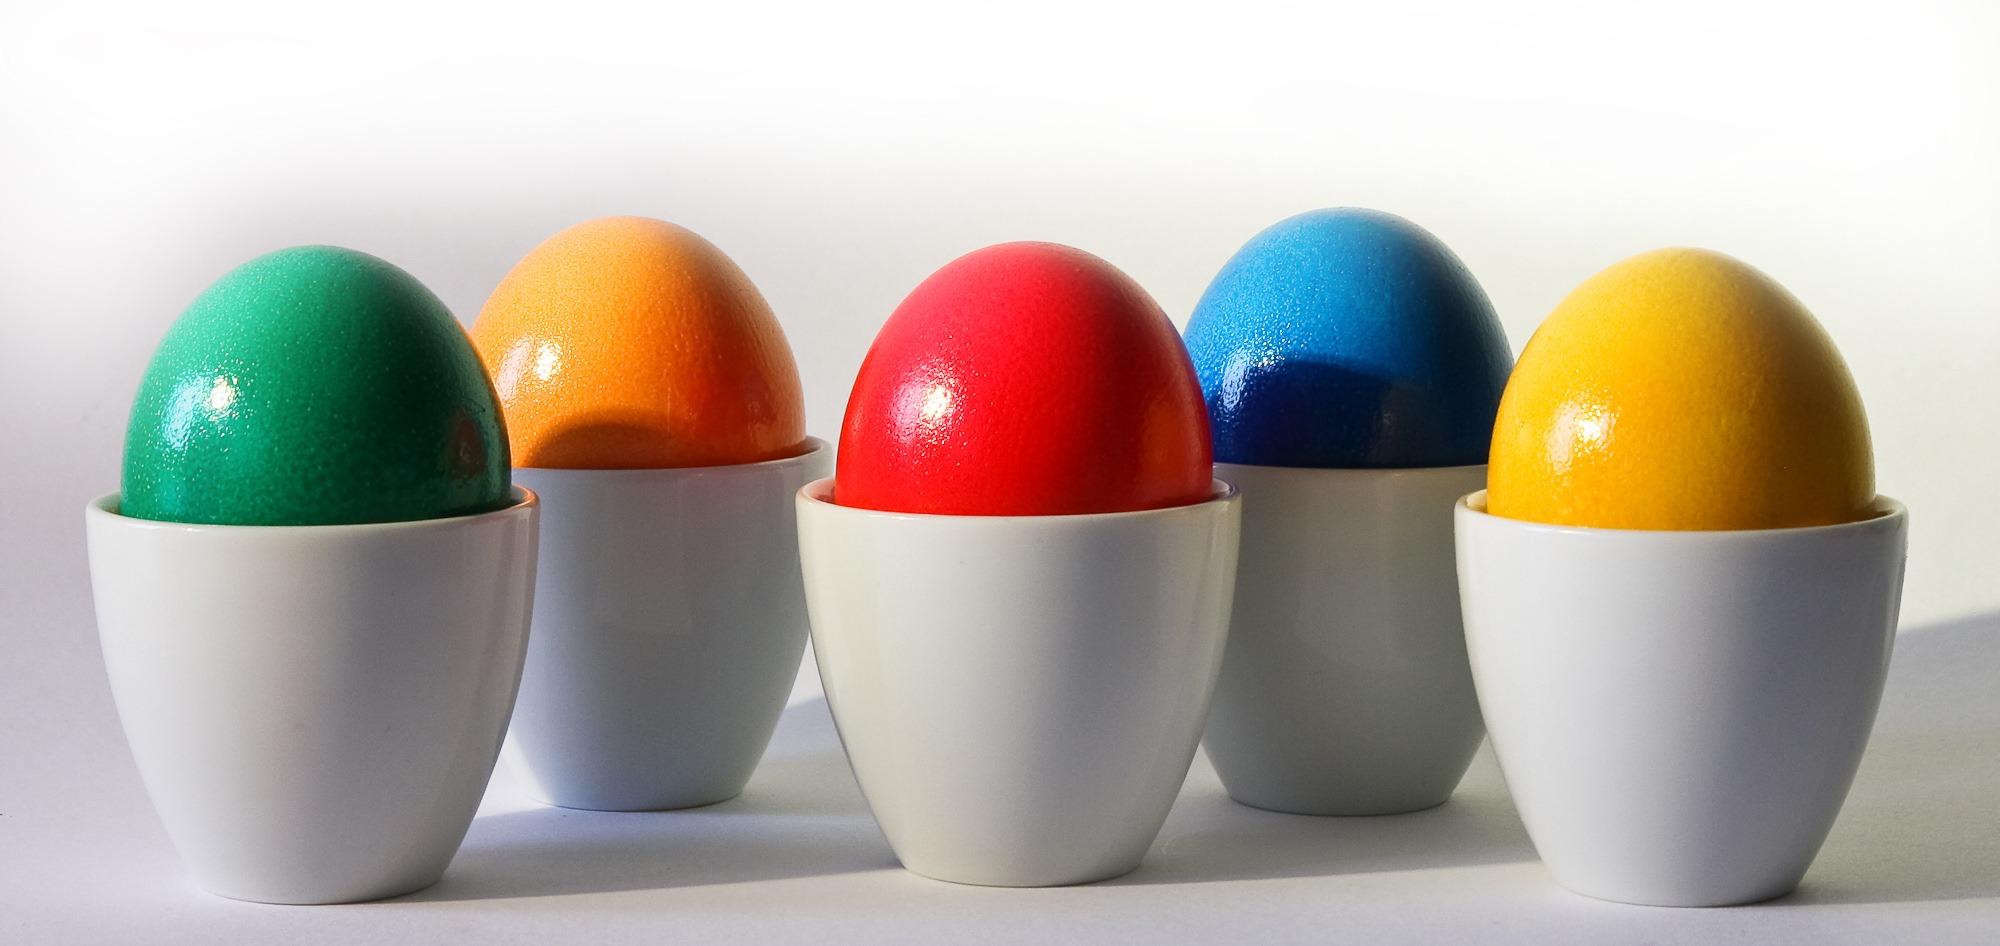 multicolored egg ornament on white desk free stock photo